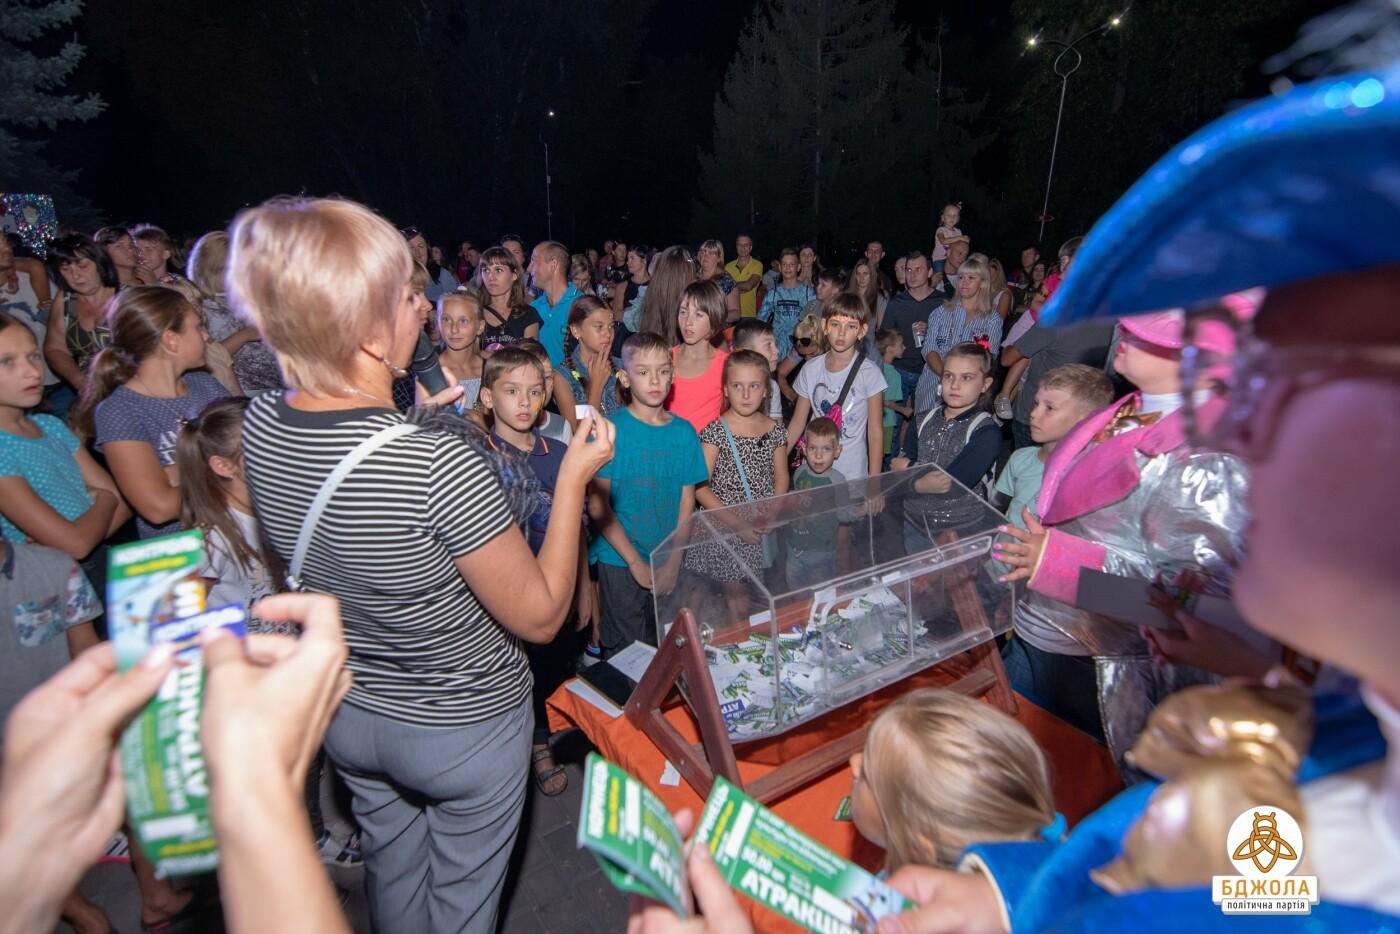 В Центральном и Левобережном парках Каменского прошли мероприятия от партии «Бджола», фото-4